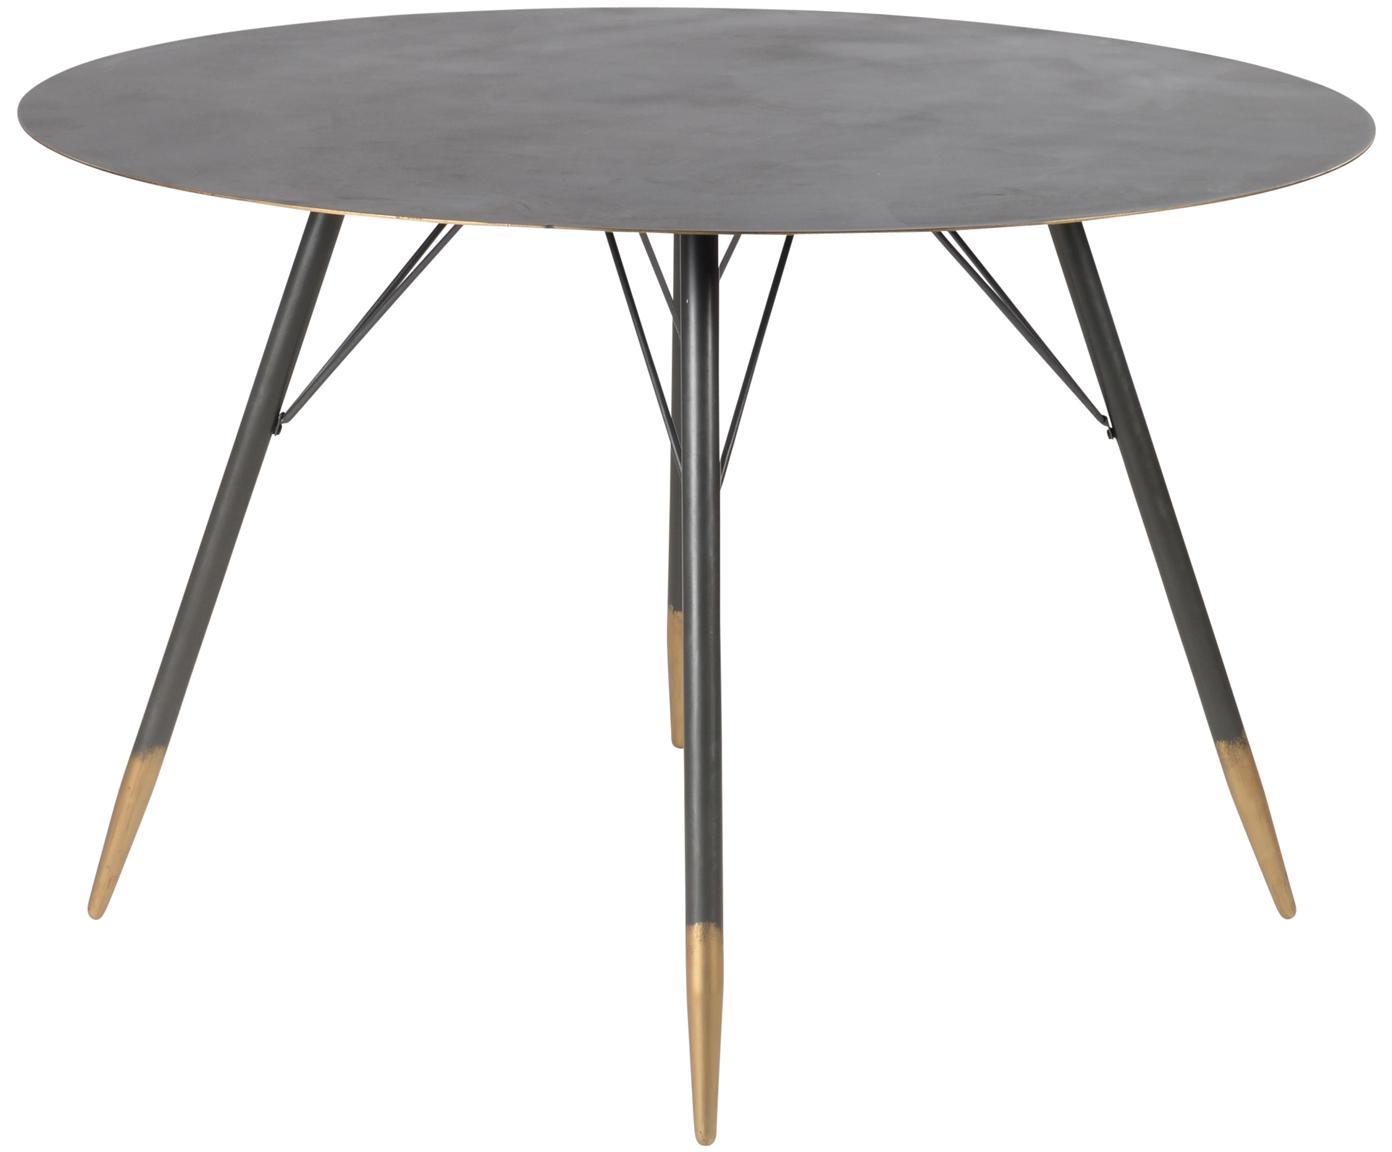 Tavolo rotondo in metallo Rikke, Metallo, dipinto con segni intenzionali di usura, Nero, ottone, Ø 120 x Alt. 76 cm